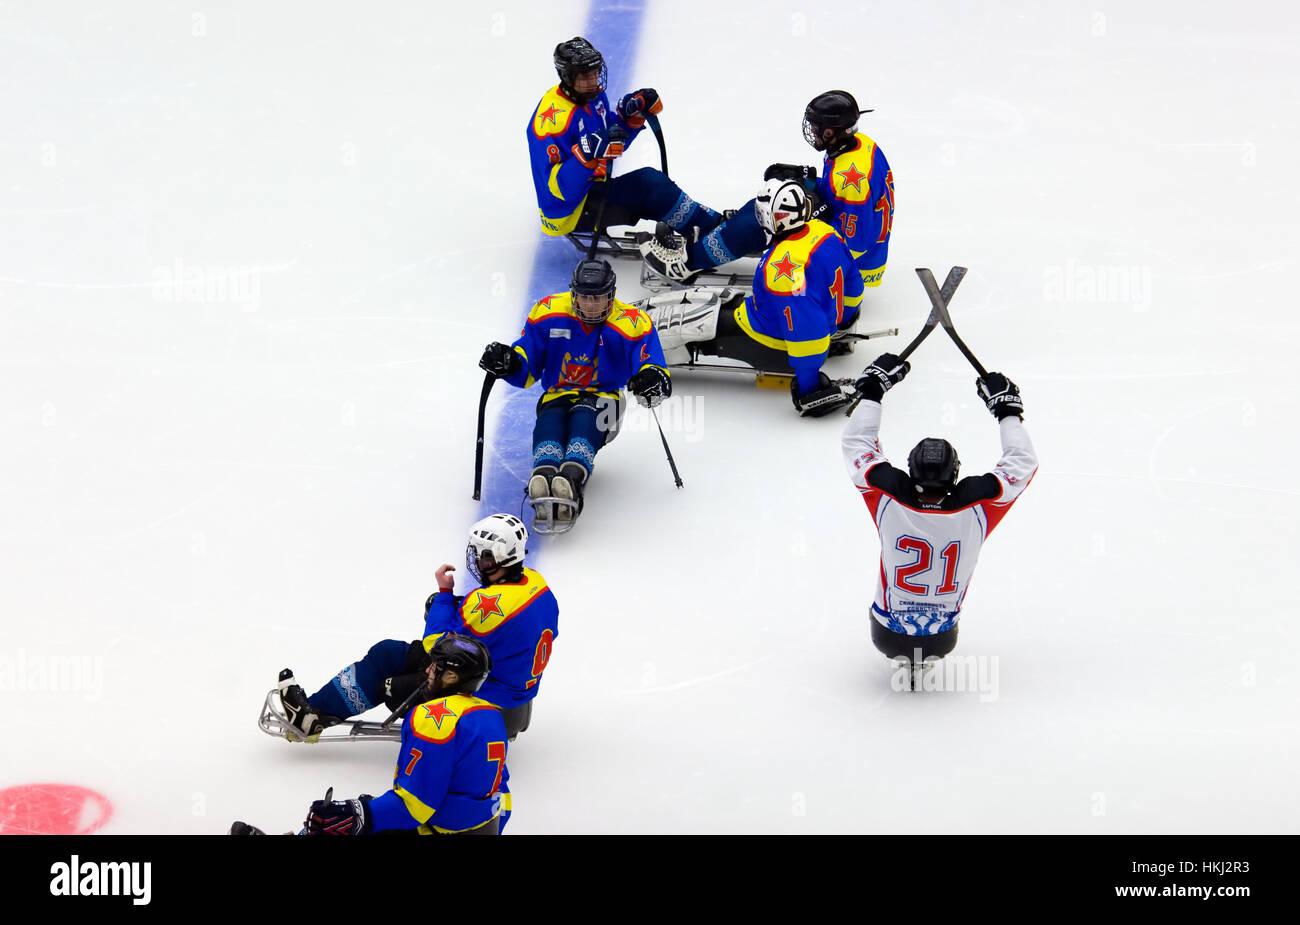 PODOLSK, Russie - le 14 janvier 2017: les joueurs non identifiés de 3020 f (bleu) et Zvezda (blanc) équipe de hockey sur traîneau pendant la partie contre Vityaz AKBars sur Russie KHL Championship le 14 janvier 2017 Banque D'Images